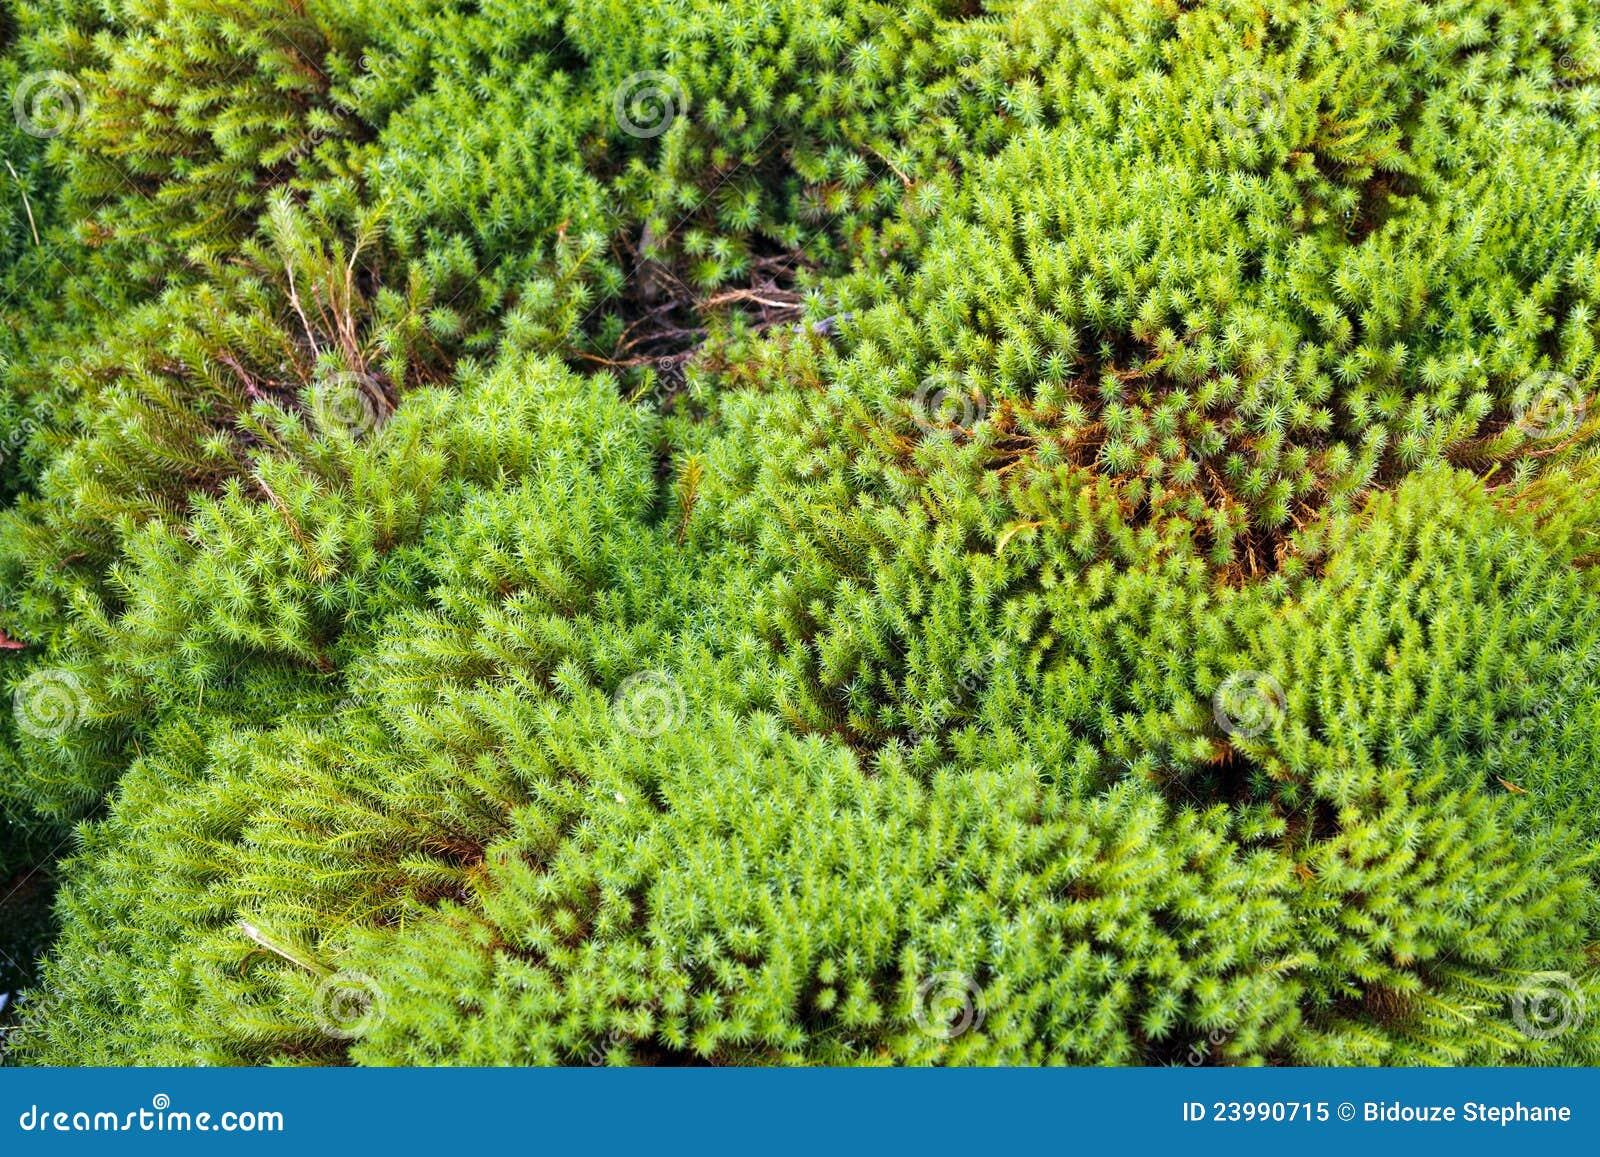 mousse de jardin de zen photo libre de droits image 23990715. Black Bedroom Furniture Sets. Home Design Ideas